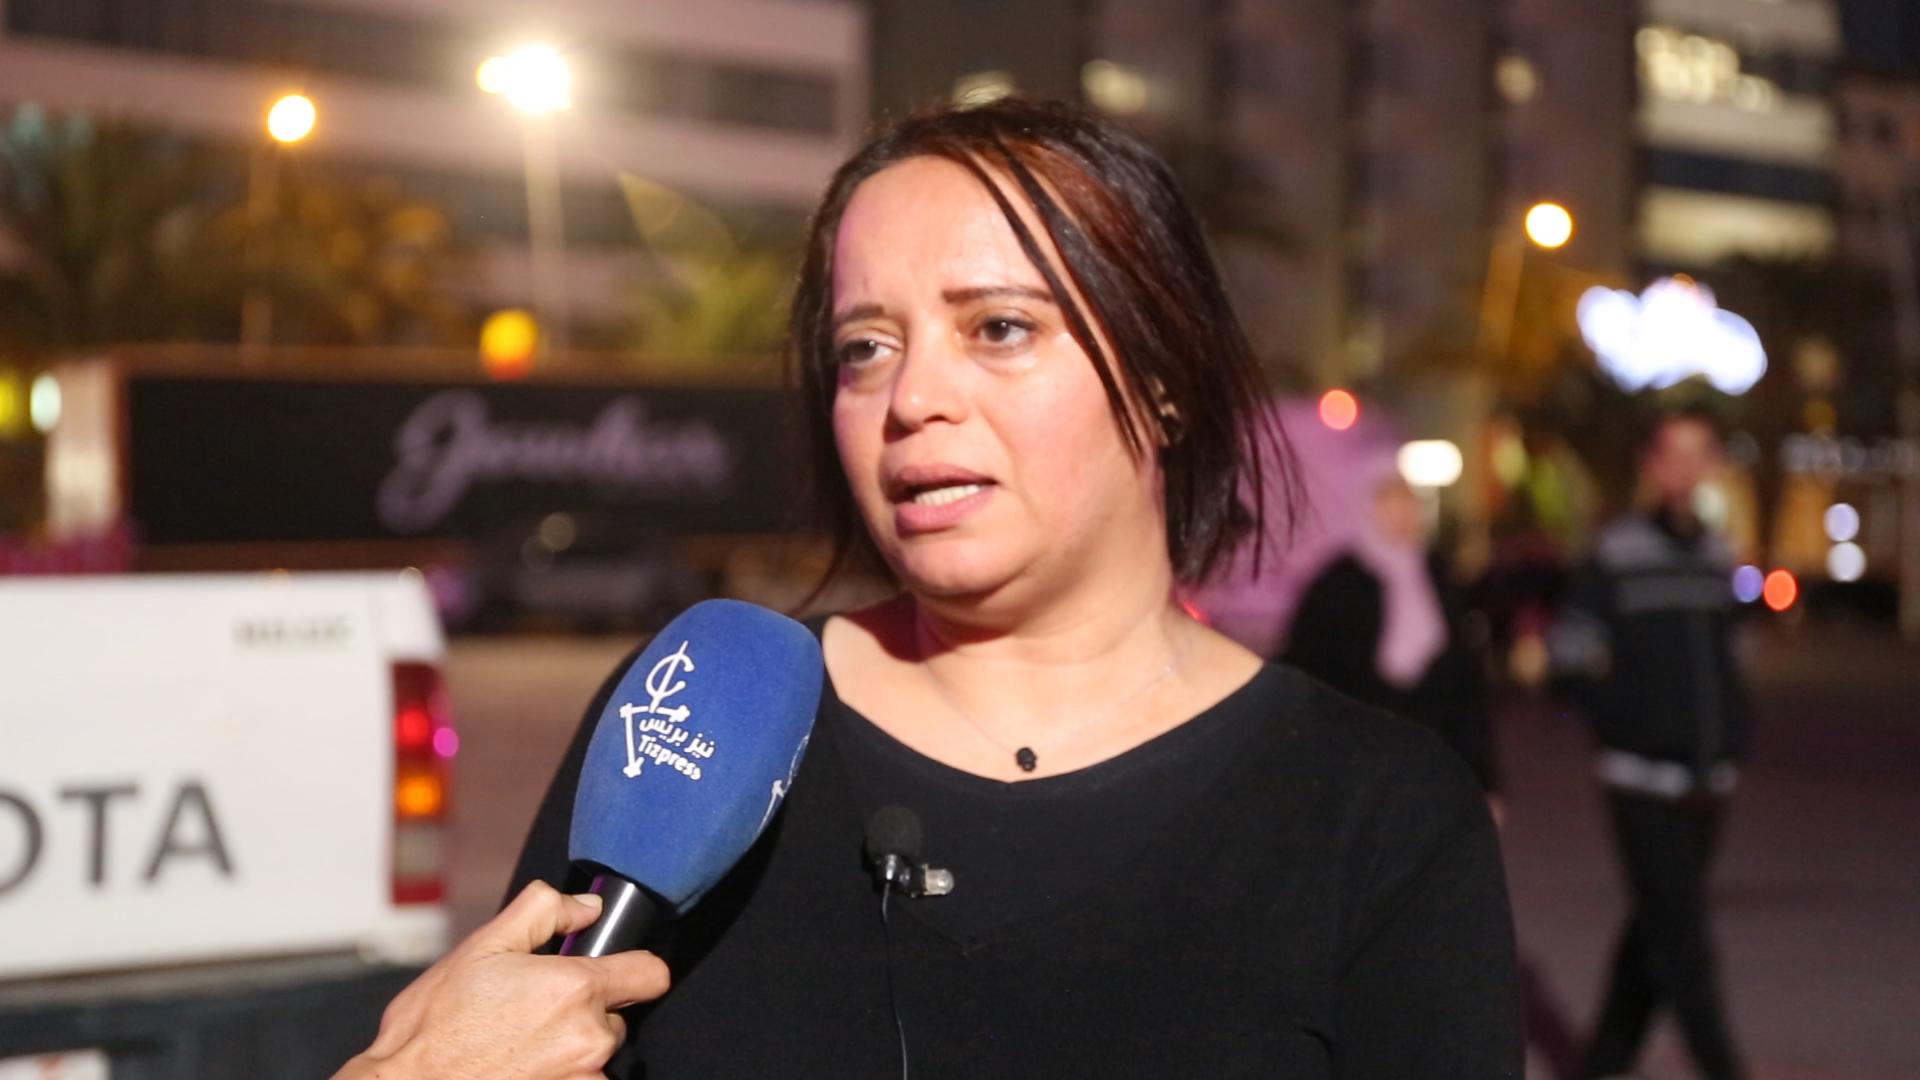 """فيديو: تصريح """" عائشة بودميعة """" على هامش الندوة الصحفية لــ""""أيام إقليم تيزنيت بأكادير"""""""